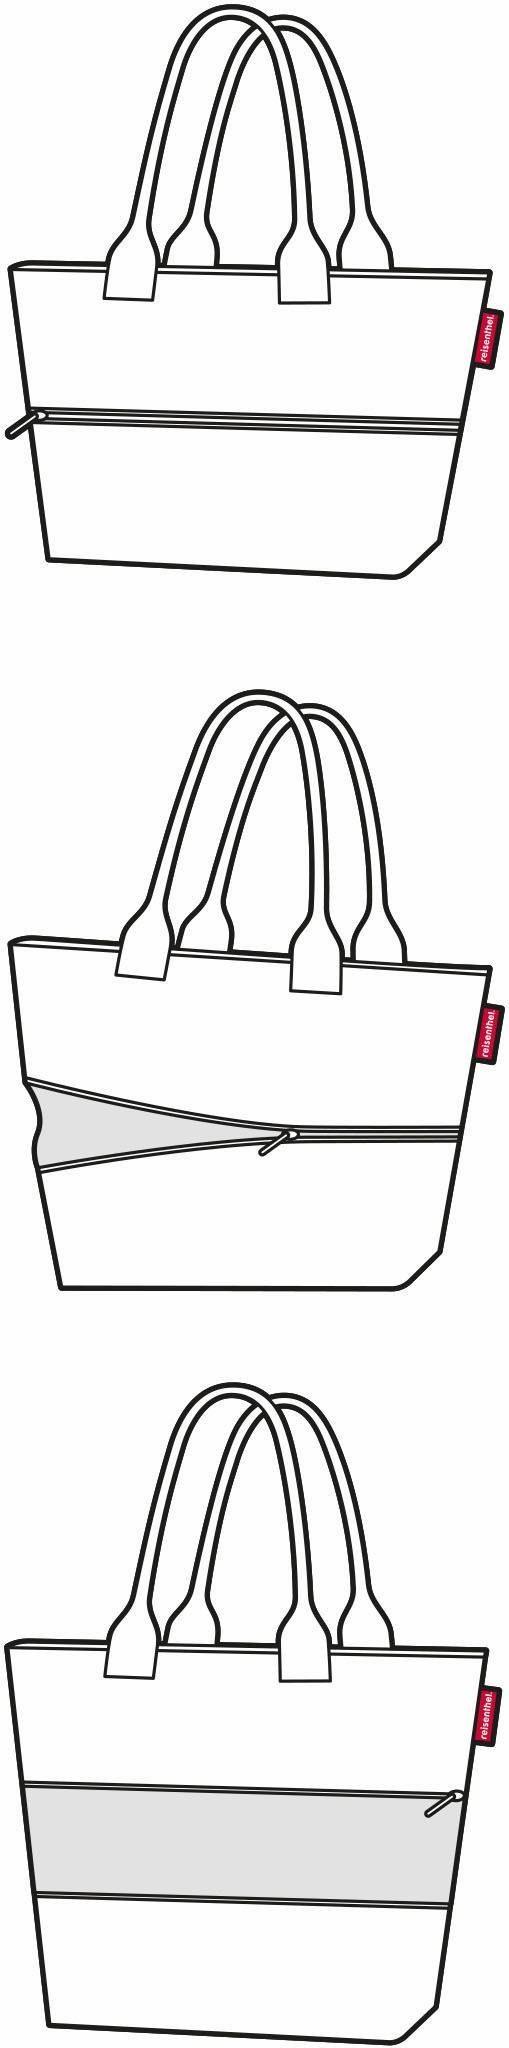 Für Einkaufsshopper Reisenthel® Einkauf »shopper Platz Den L E1« Kleinen 18 qSgYwZ